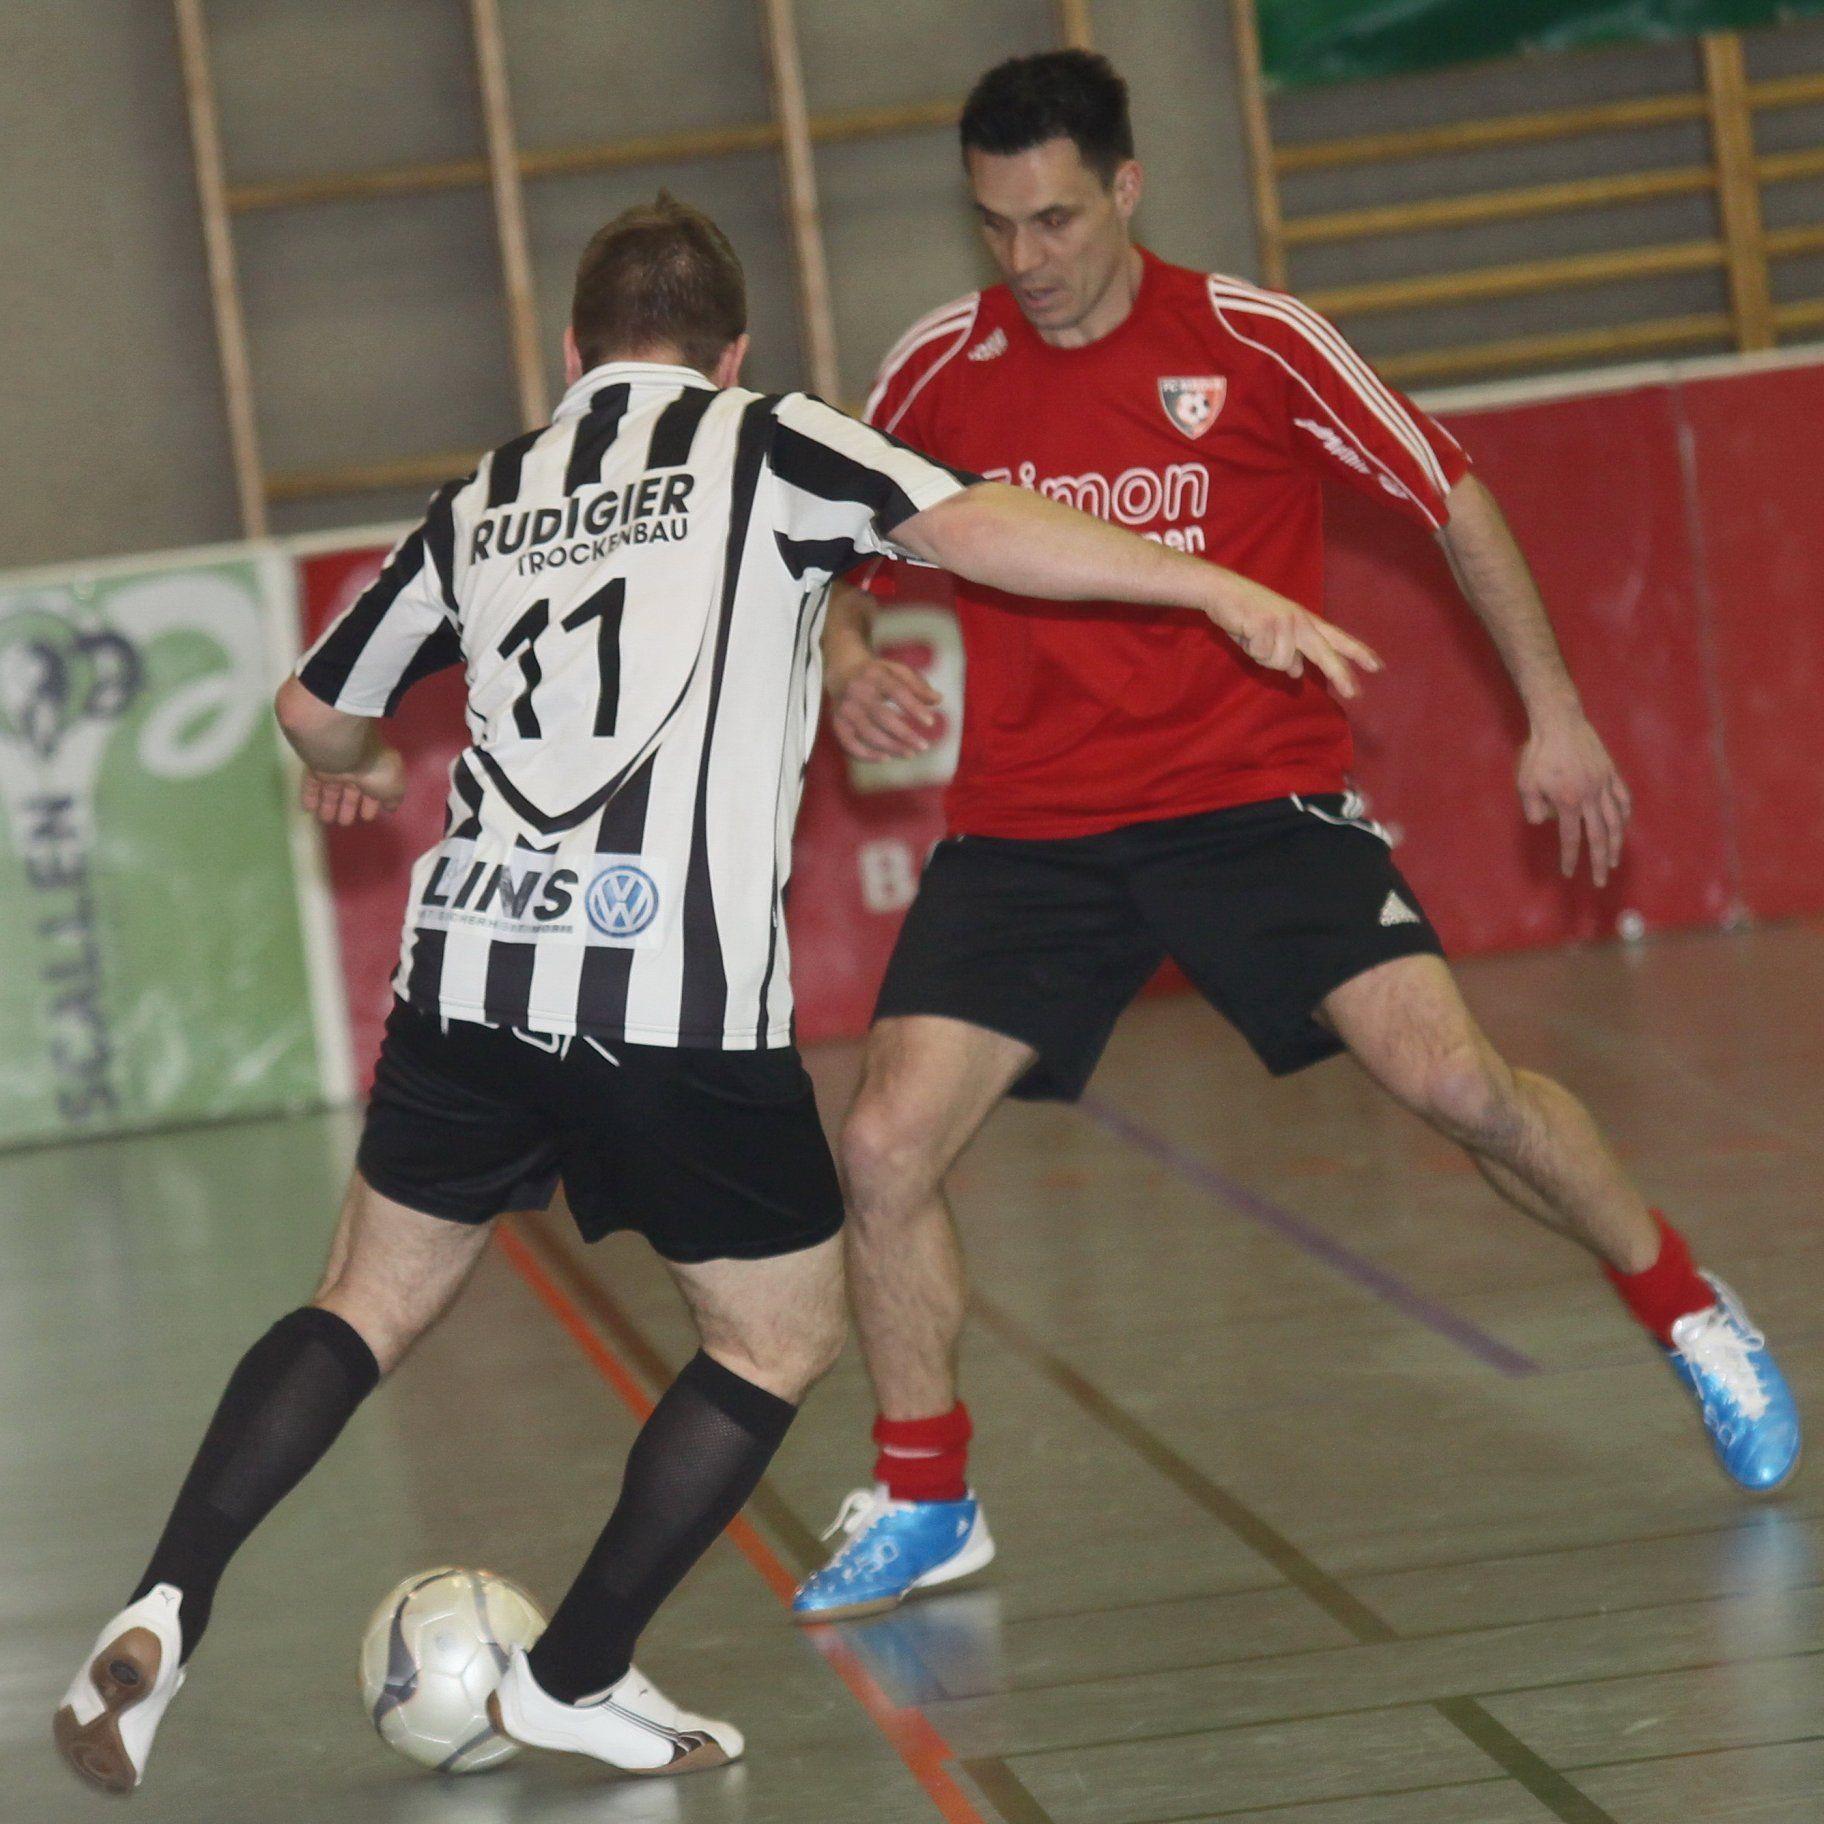 Simon Installationen FC Mäder mit Gastspieler Loki Topduman spielt am Montag.